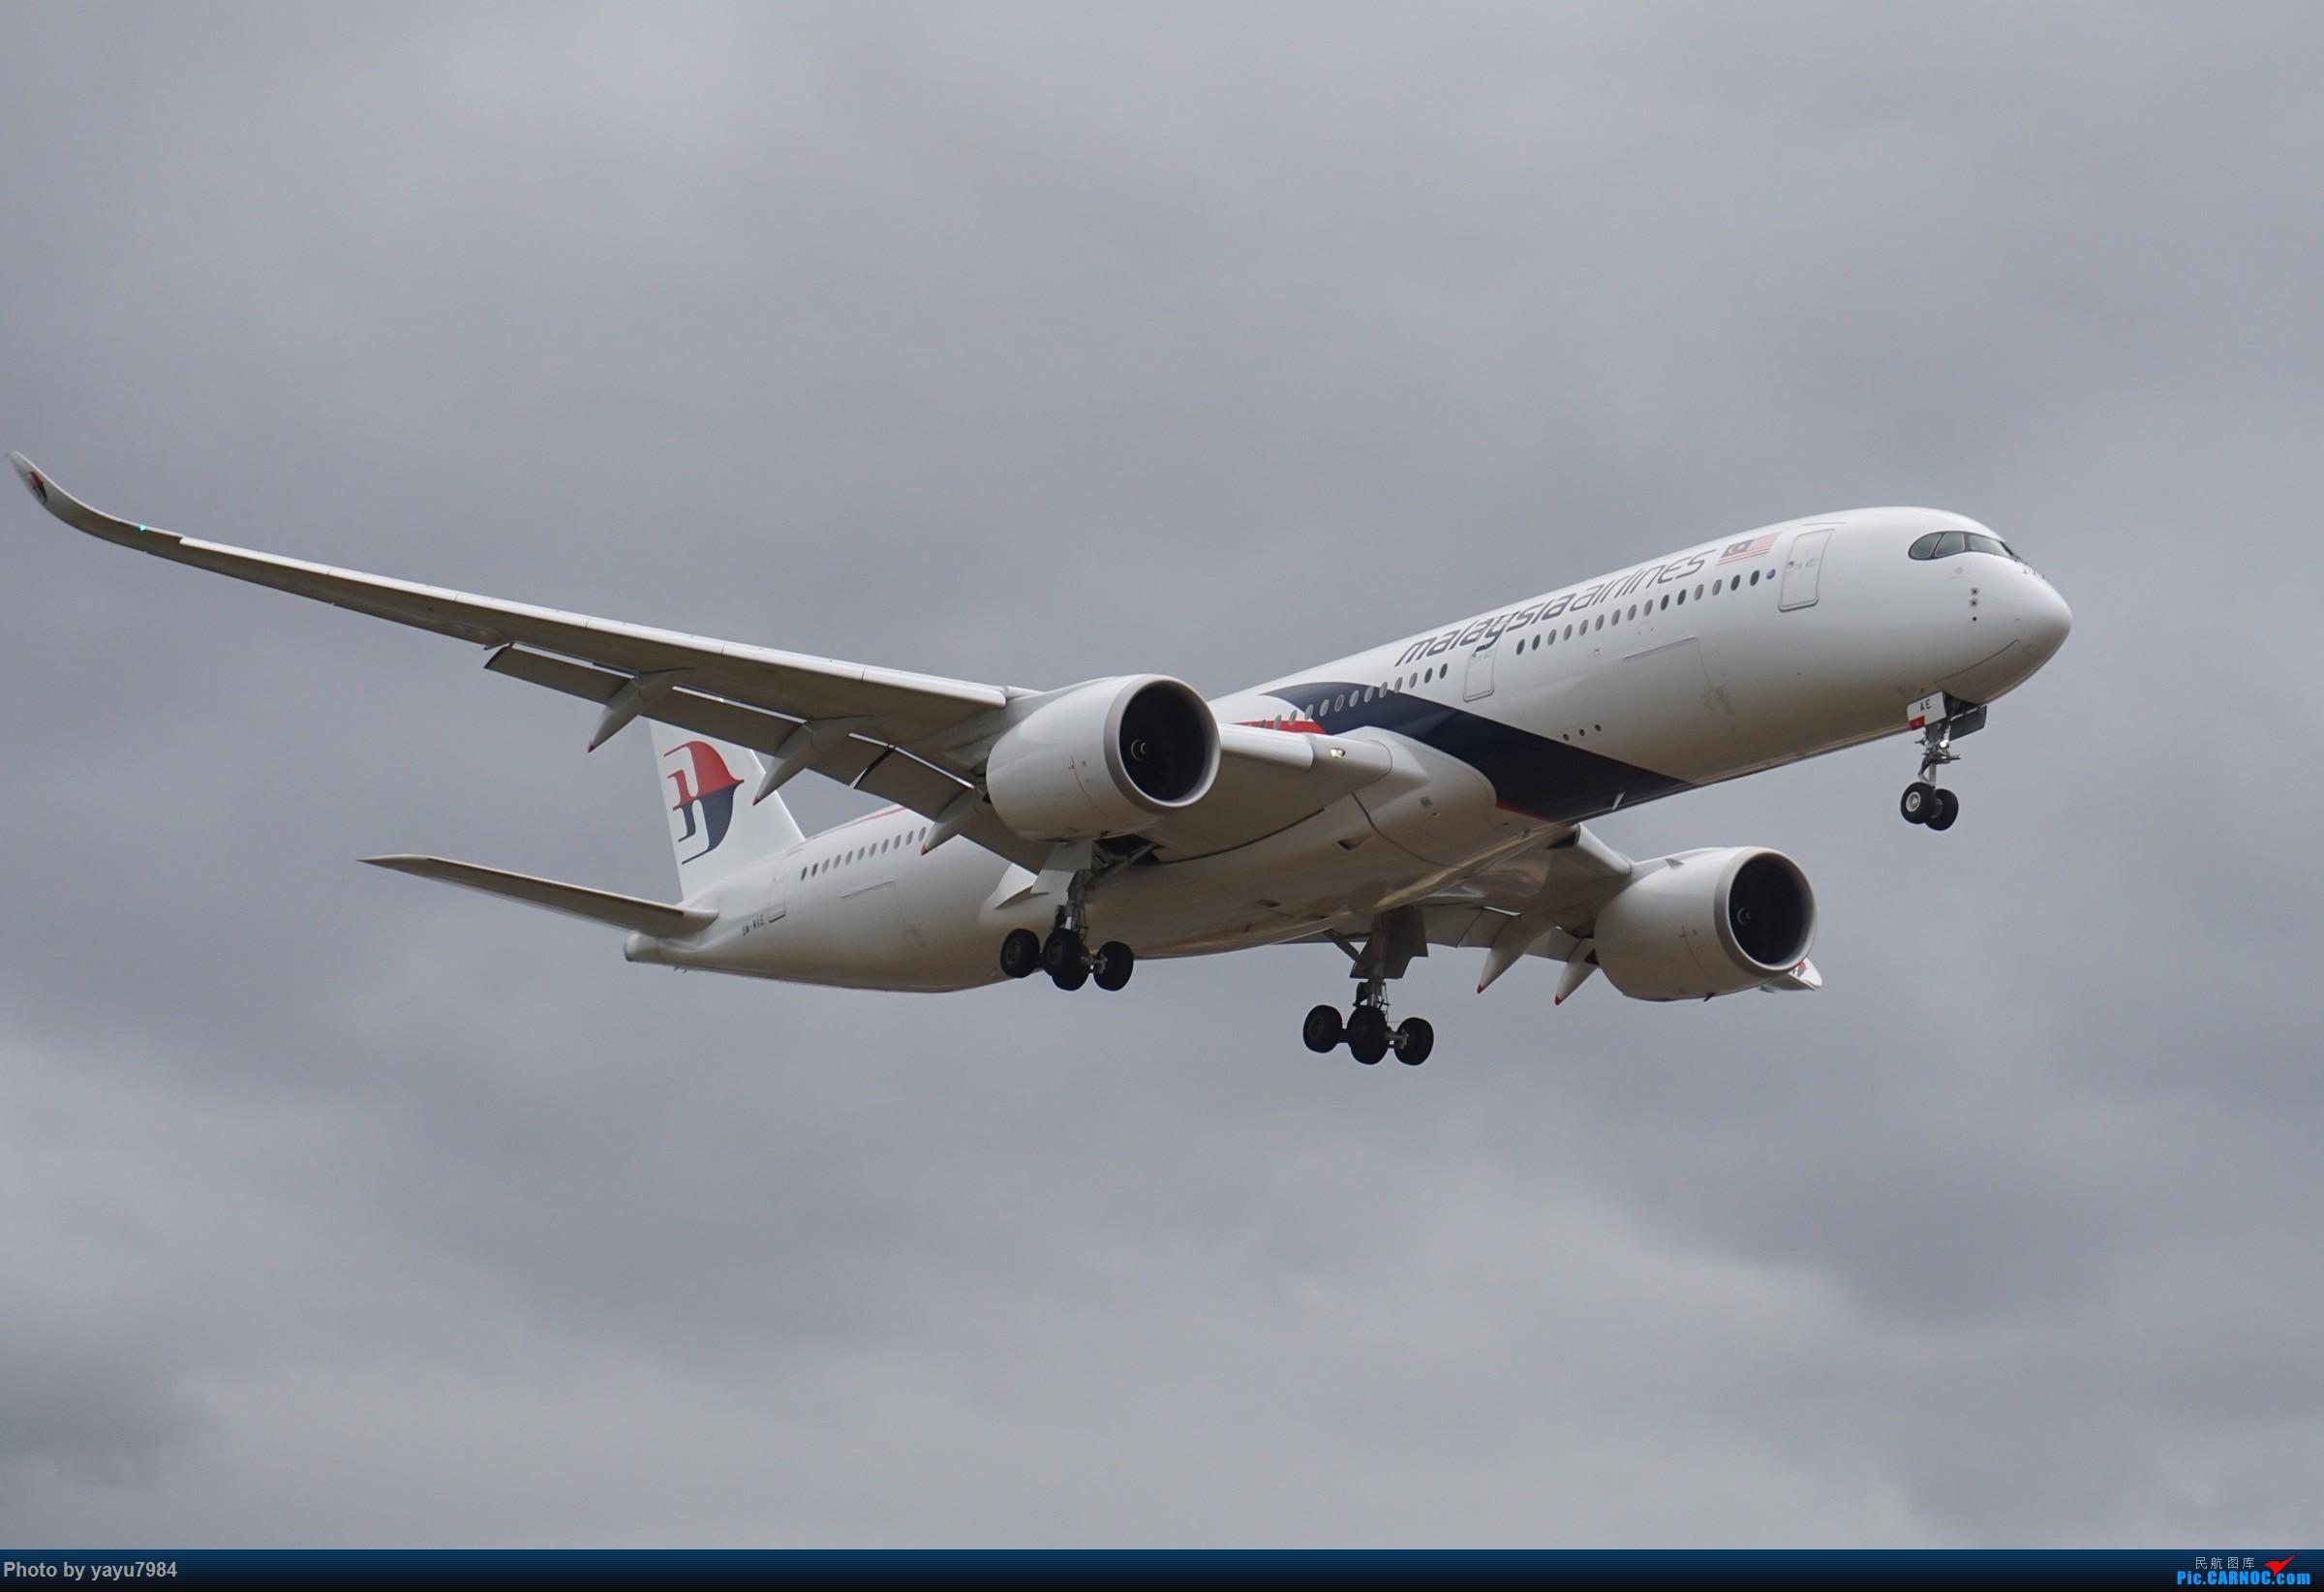 [原创][SYD] 解锁几个没拍过的货:马航A359,RR引擎的袋鼠744... AIRBUS A350-900 9M-MAE 澳大利亚悉尼金斯福德・史密斯机场